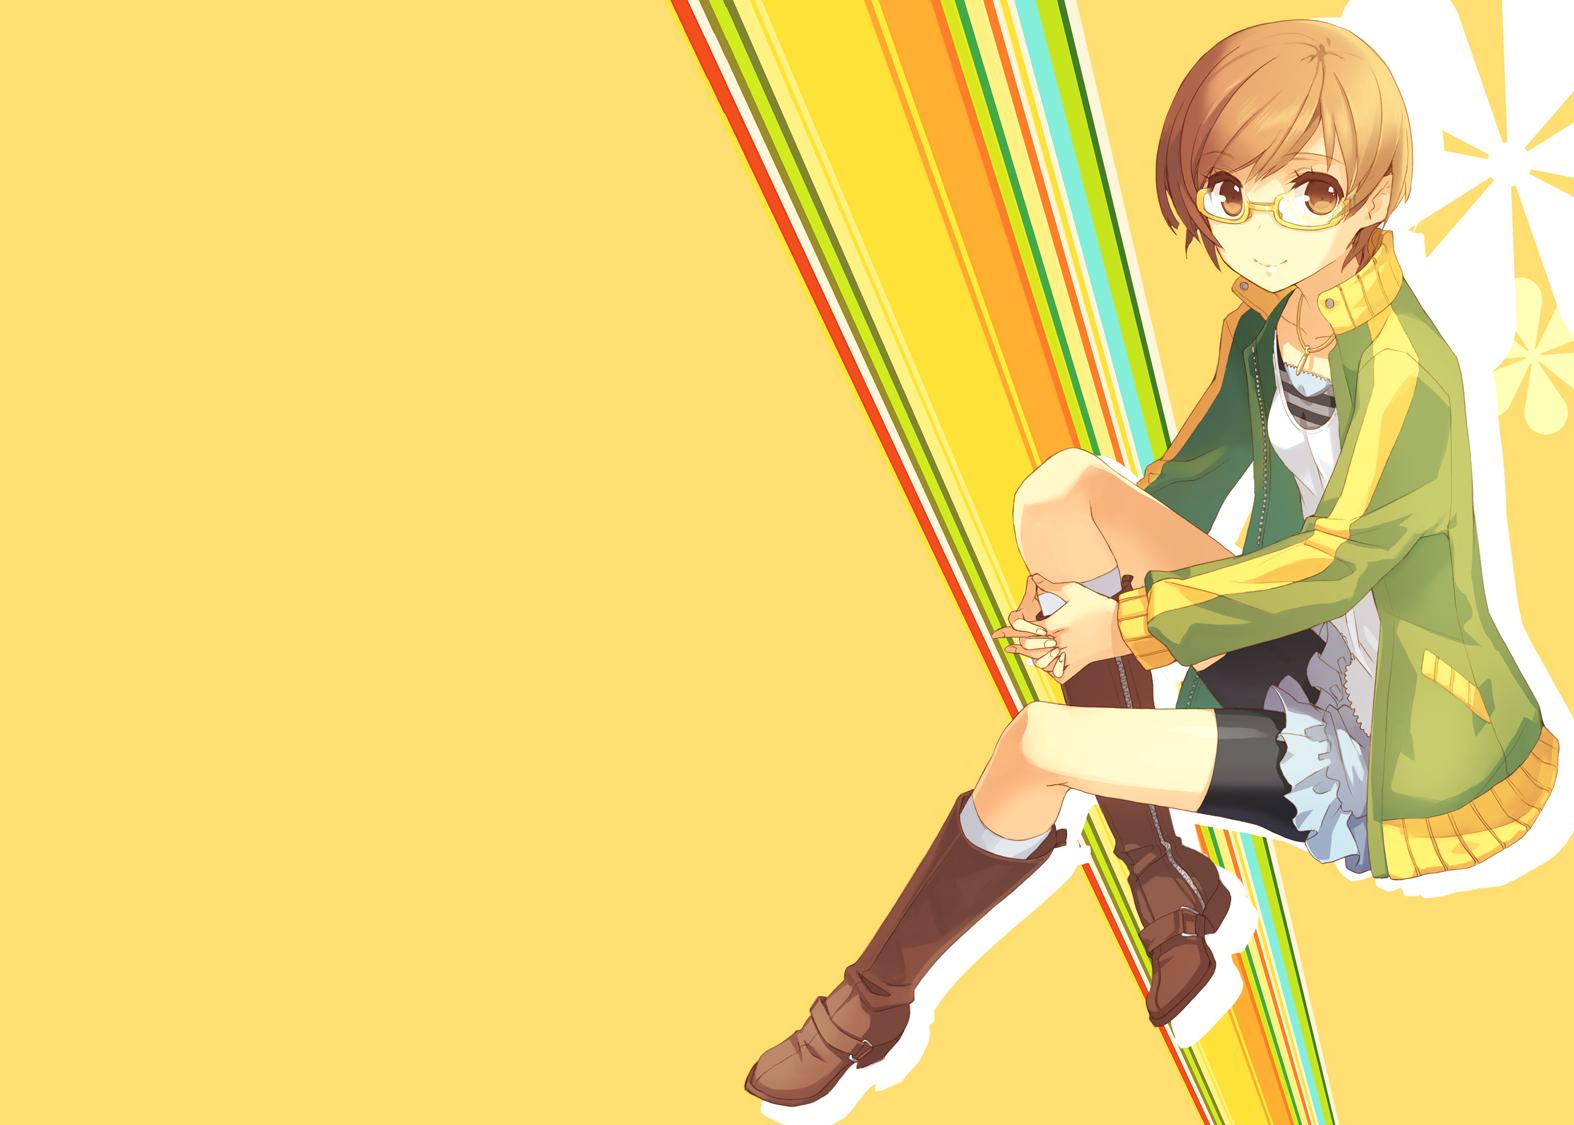 Persona 4 satonaka chie g wallpaper   1574x1125   82443 ...